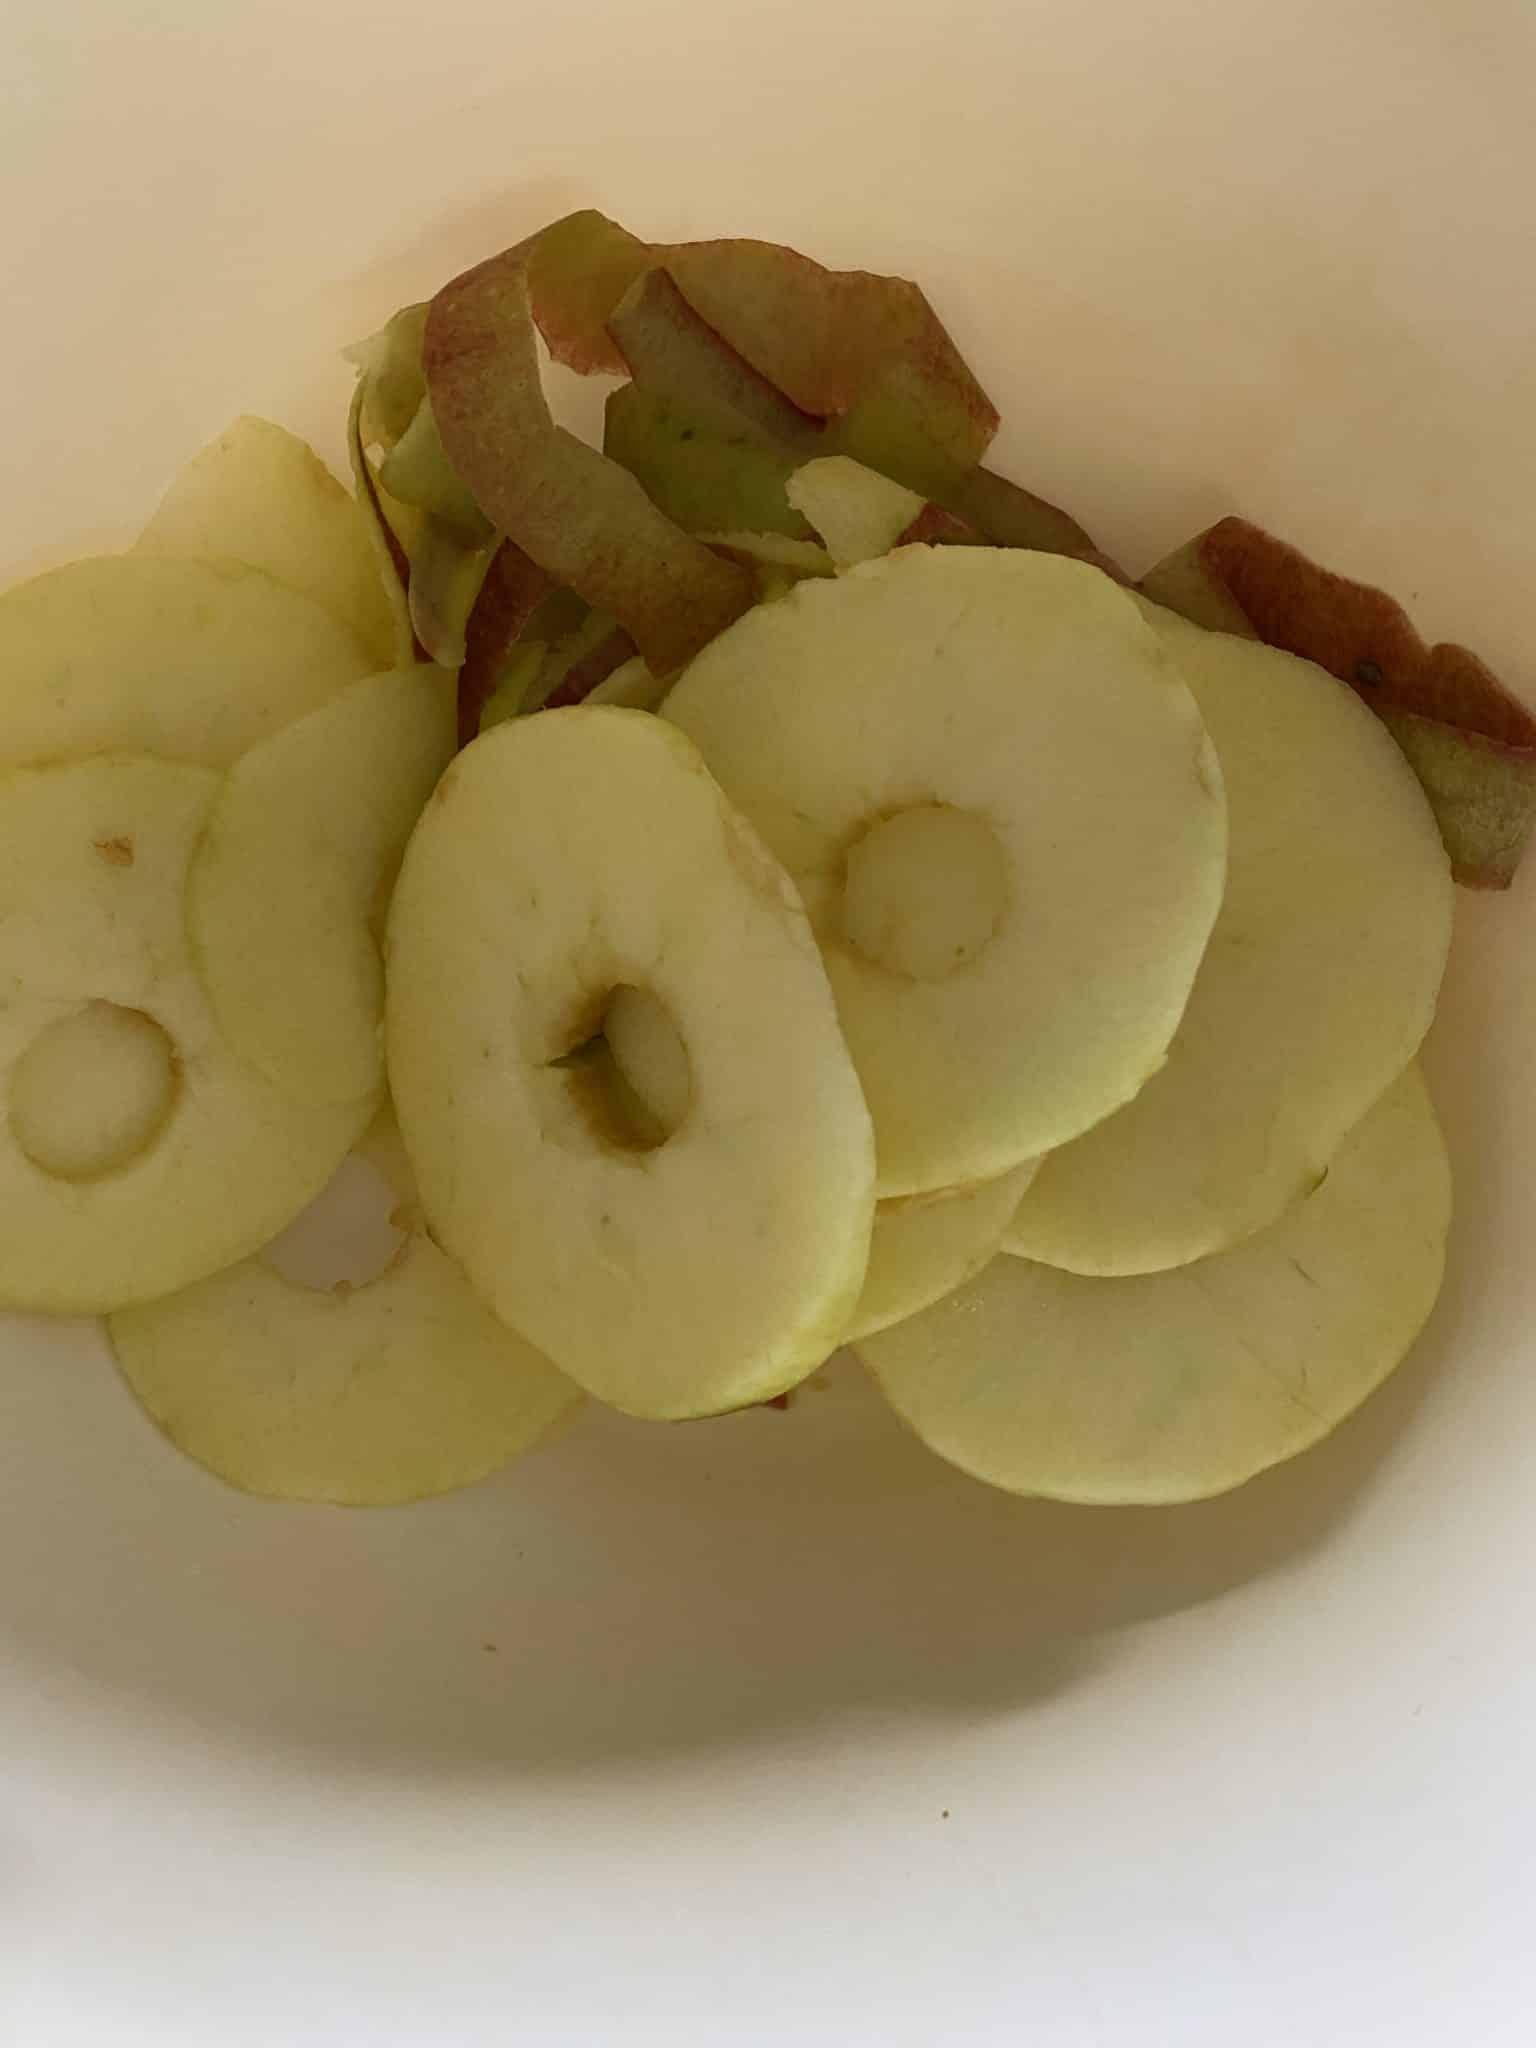 Ich bereite Apfelringe vor. Also diese Investition in unsere Heissluftdingsda, die hat sich echt gelohnt.